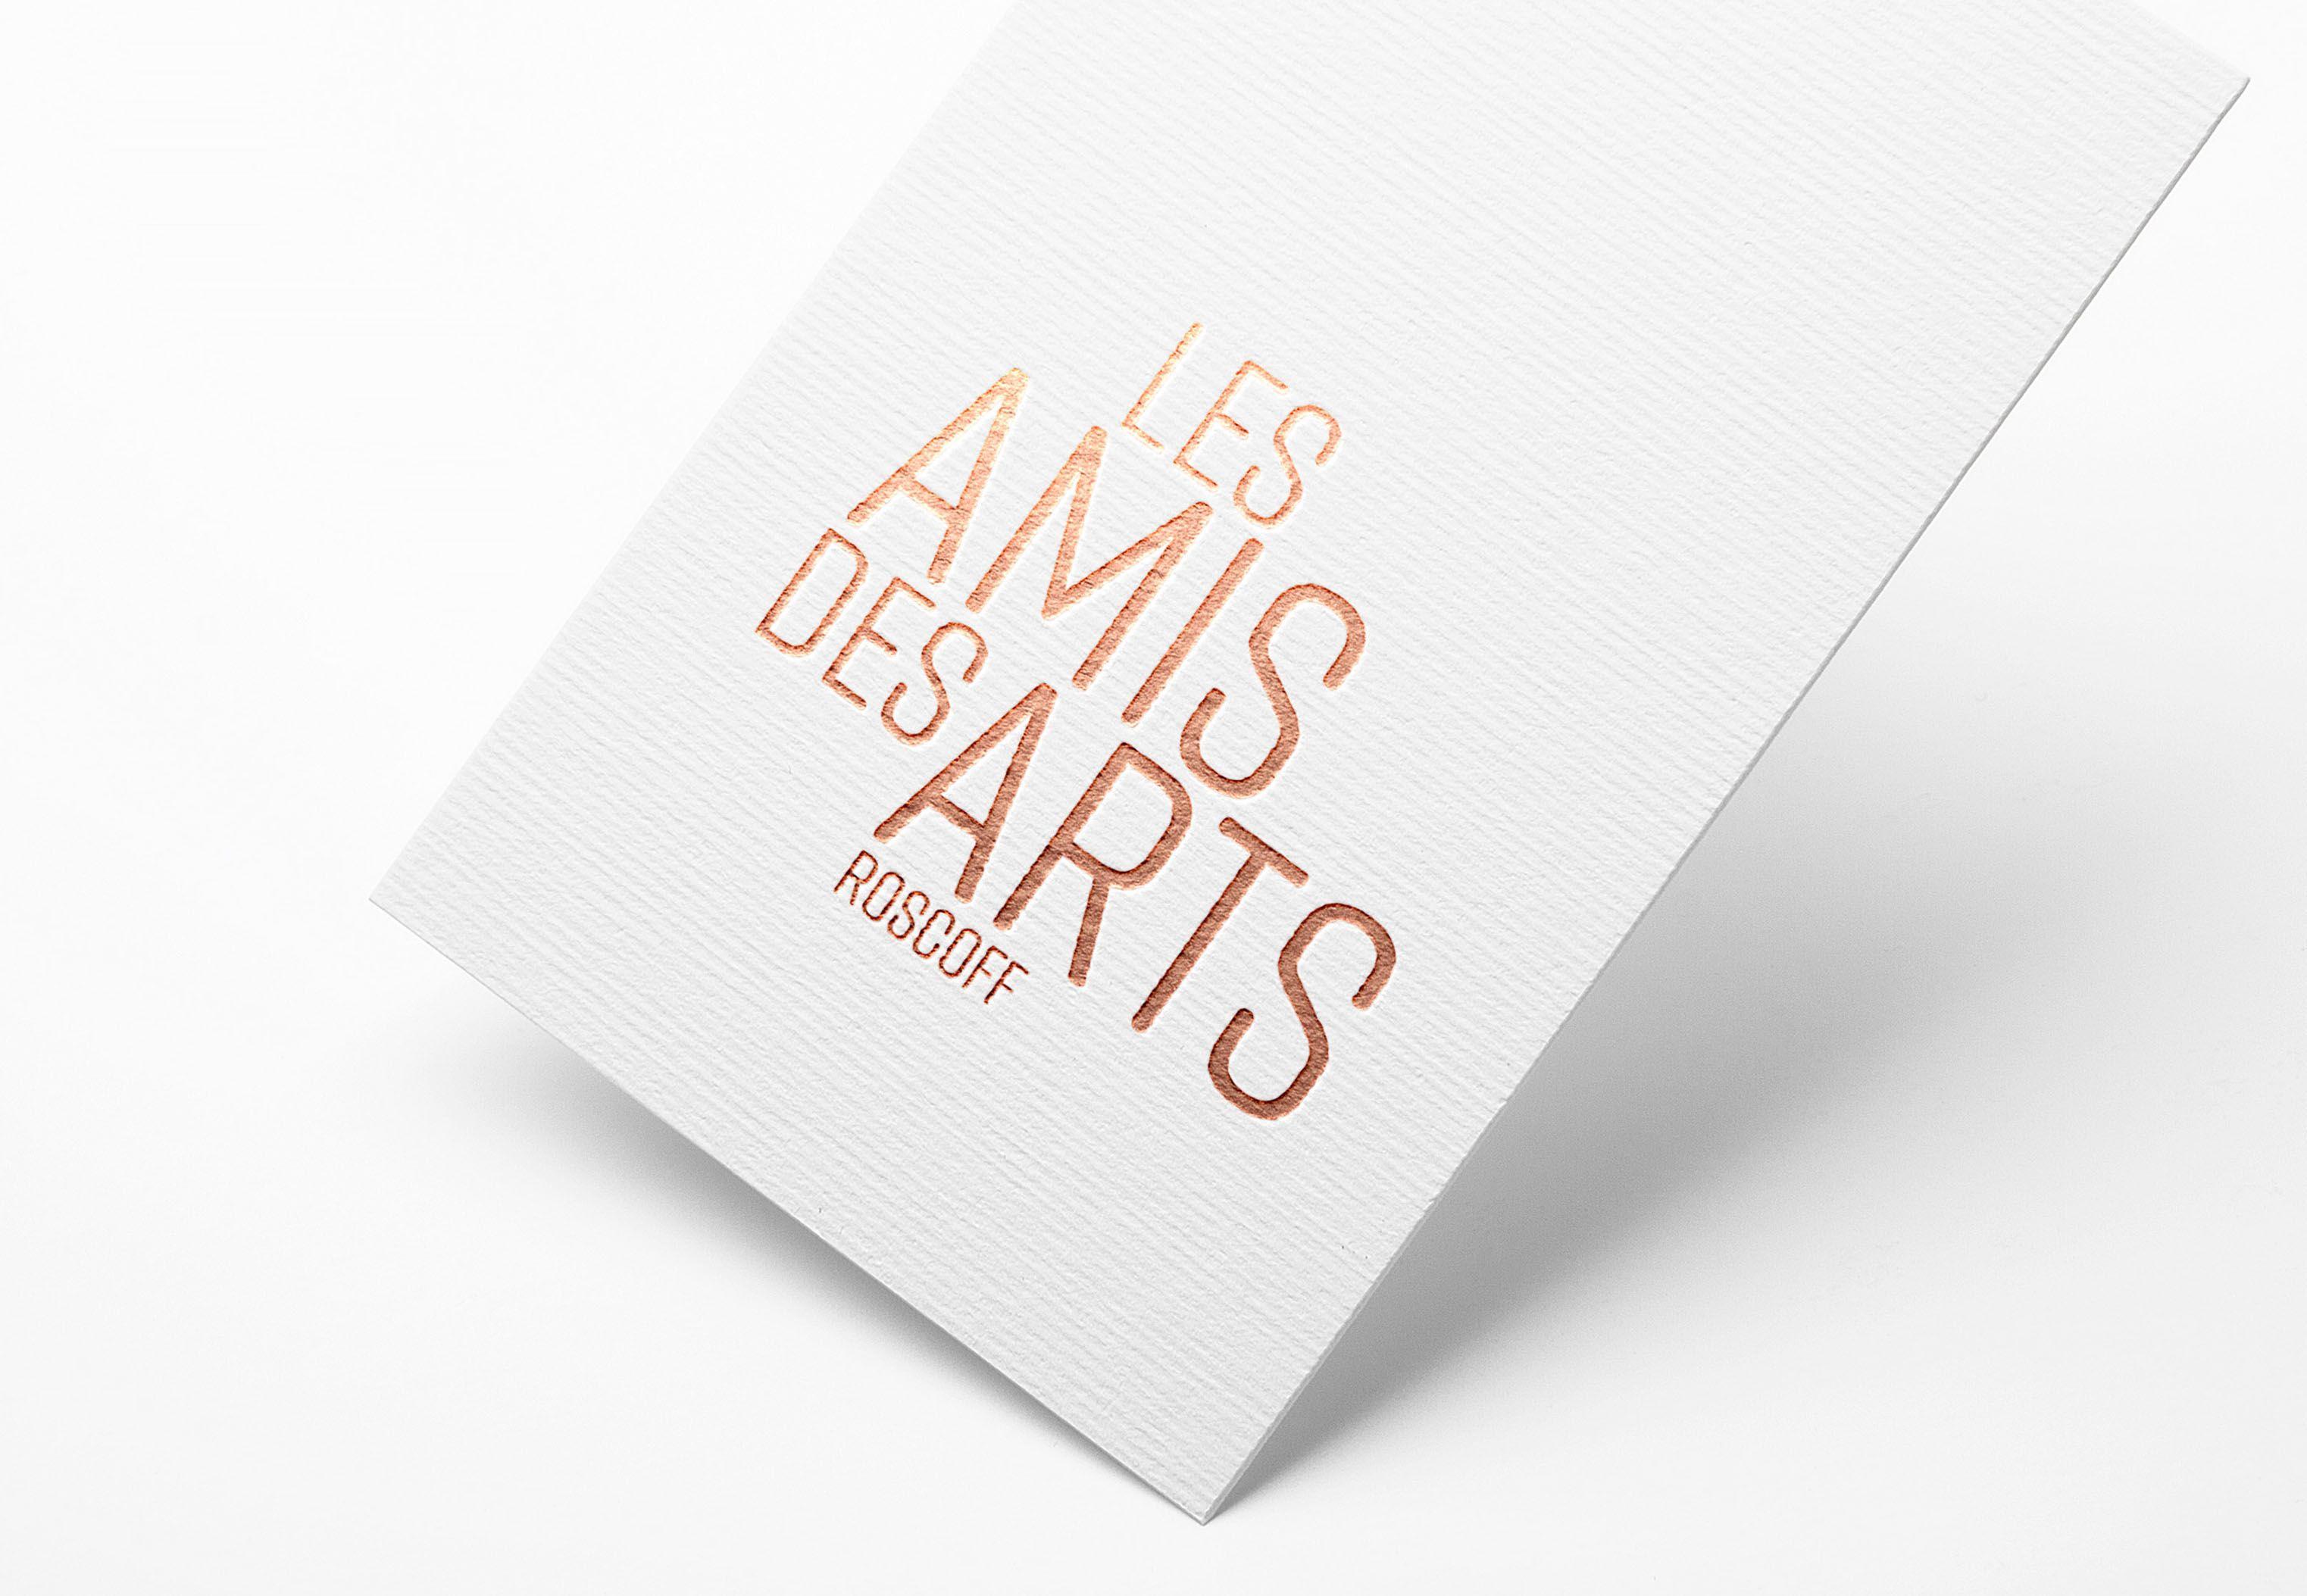 Logos les Amis des Arts